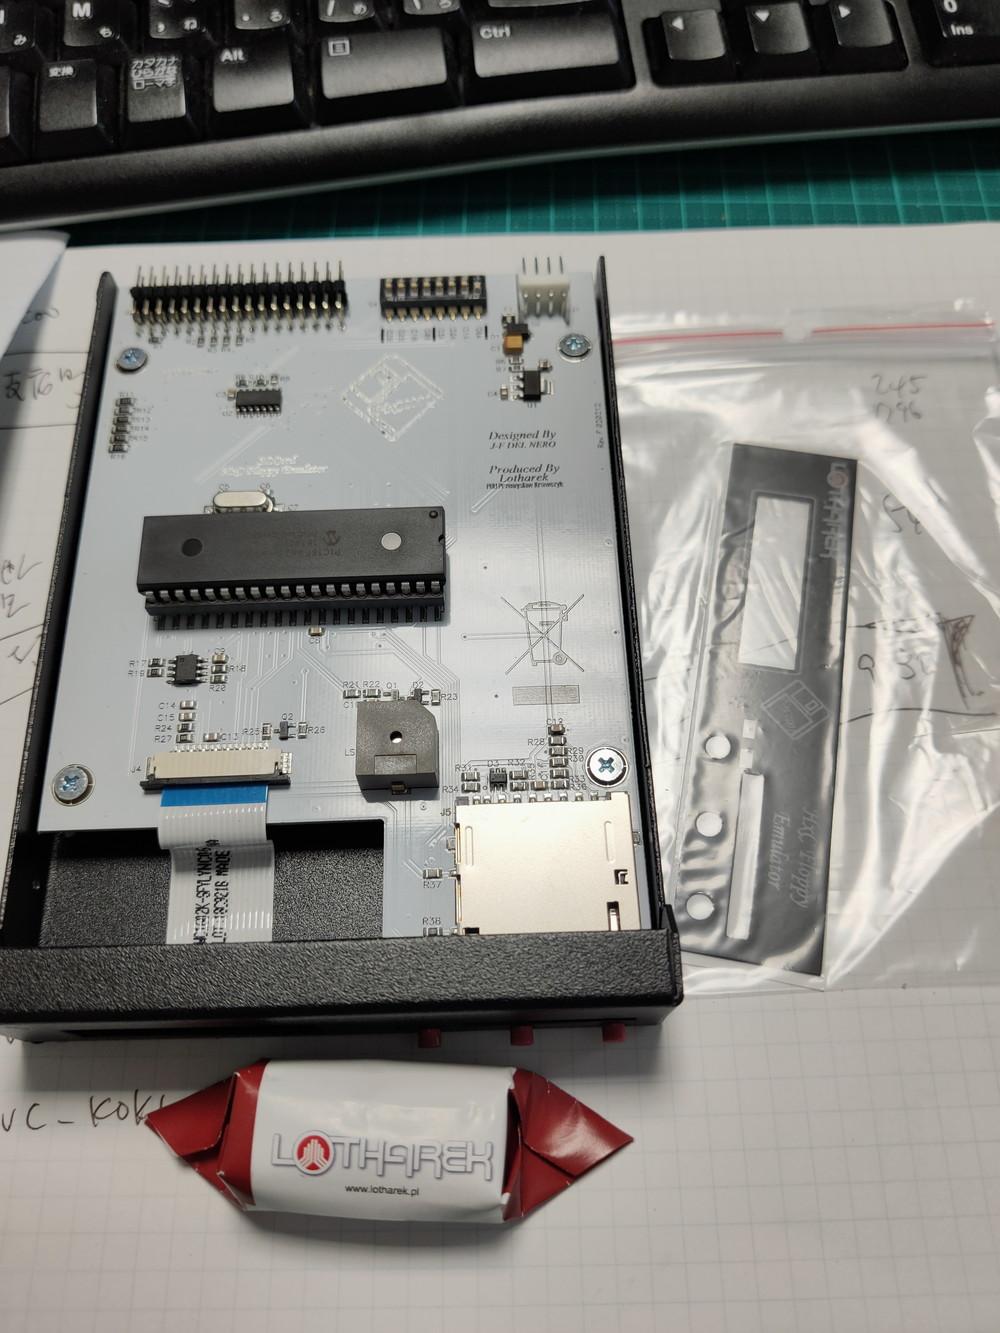 PC9801とPC8801でフロッピードライブ エミュレーター HxC Floppy を導入する